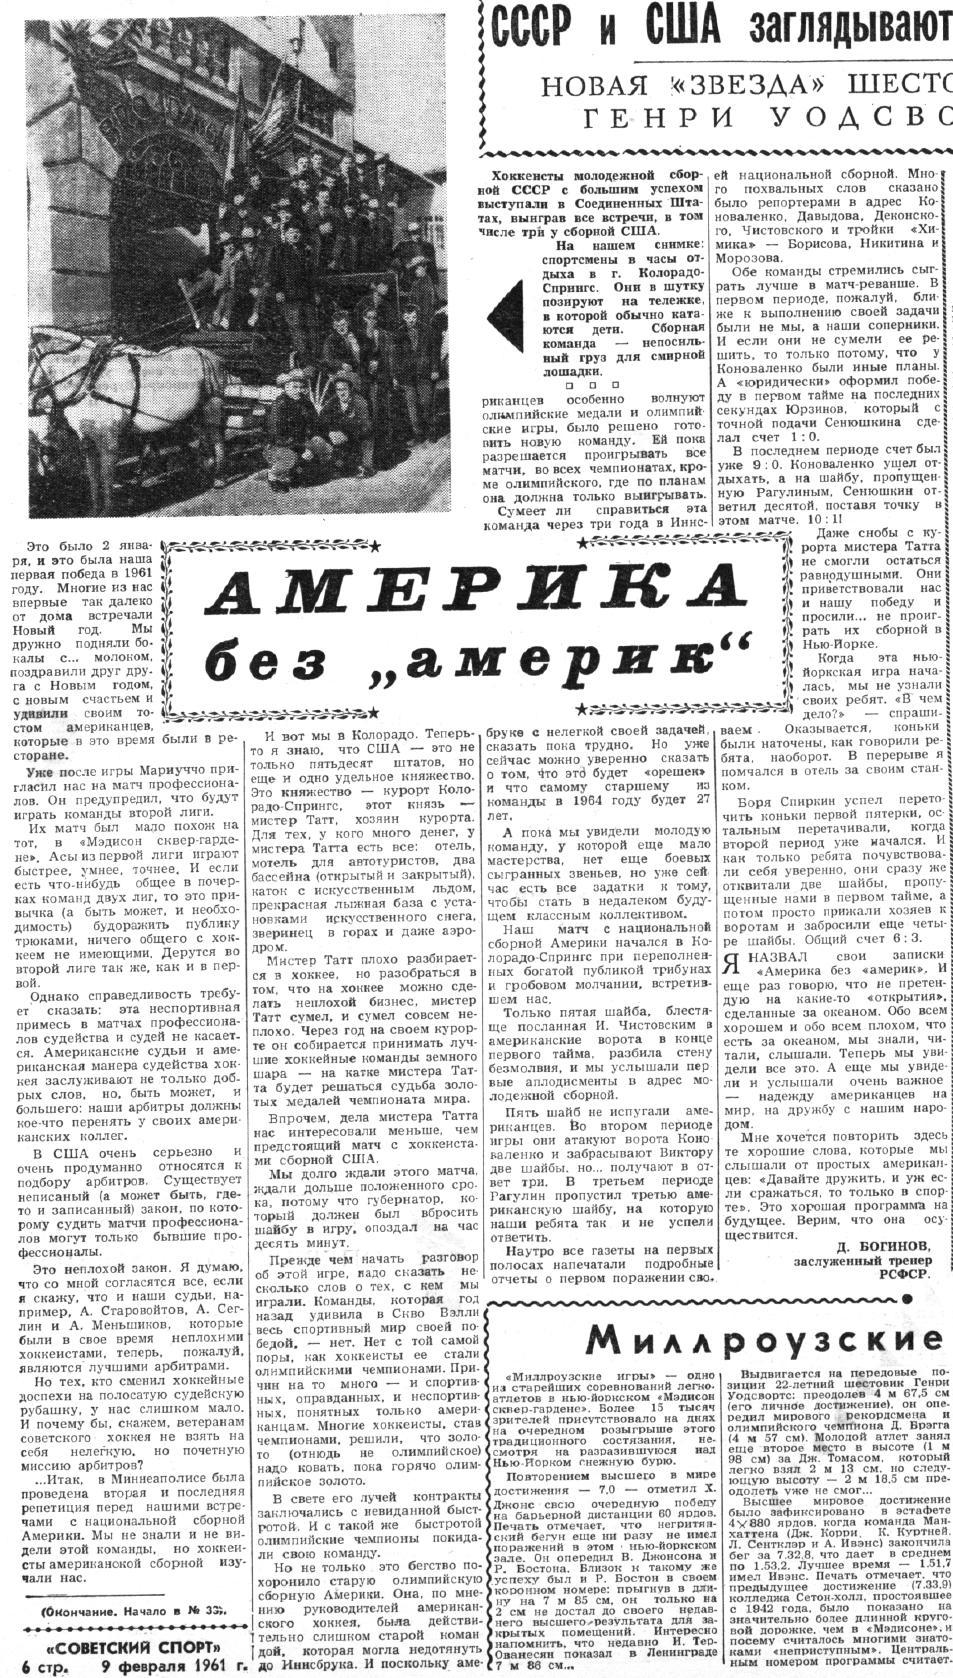 Sovetskij_Sport_1961_02_09_N34_s6.JPG